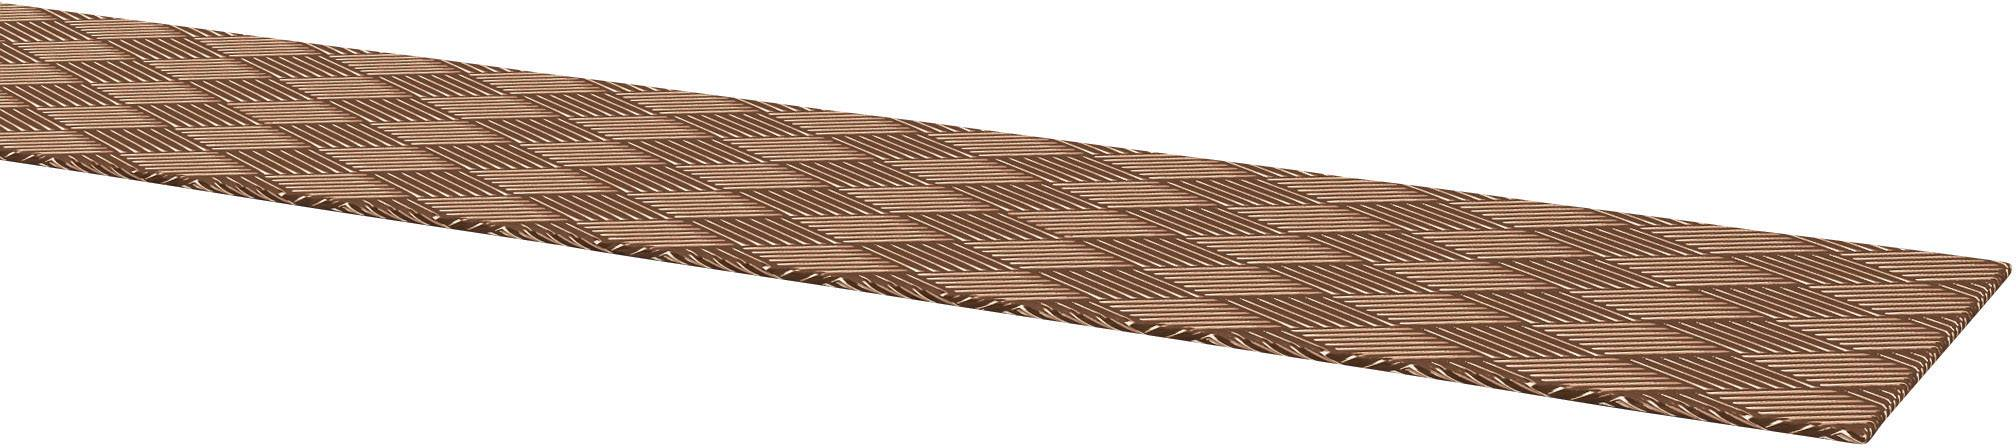 Copper earthing strap, bare 301005000 Kabeltronik Množství: metrové zboží